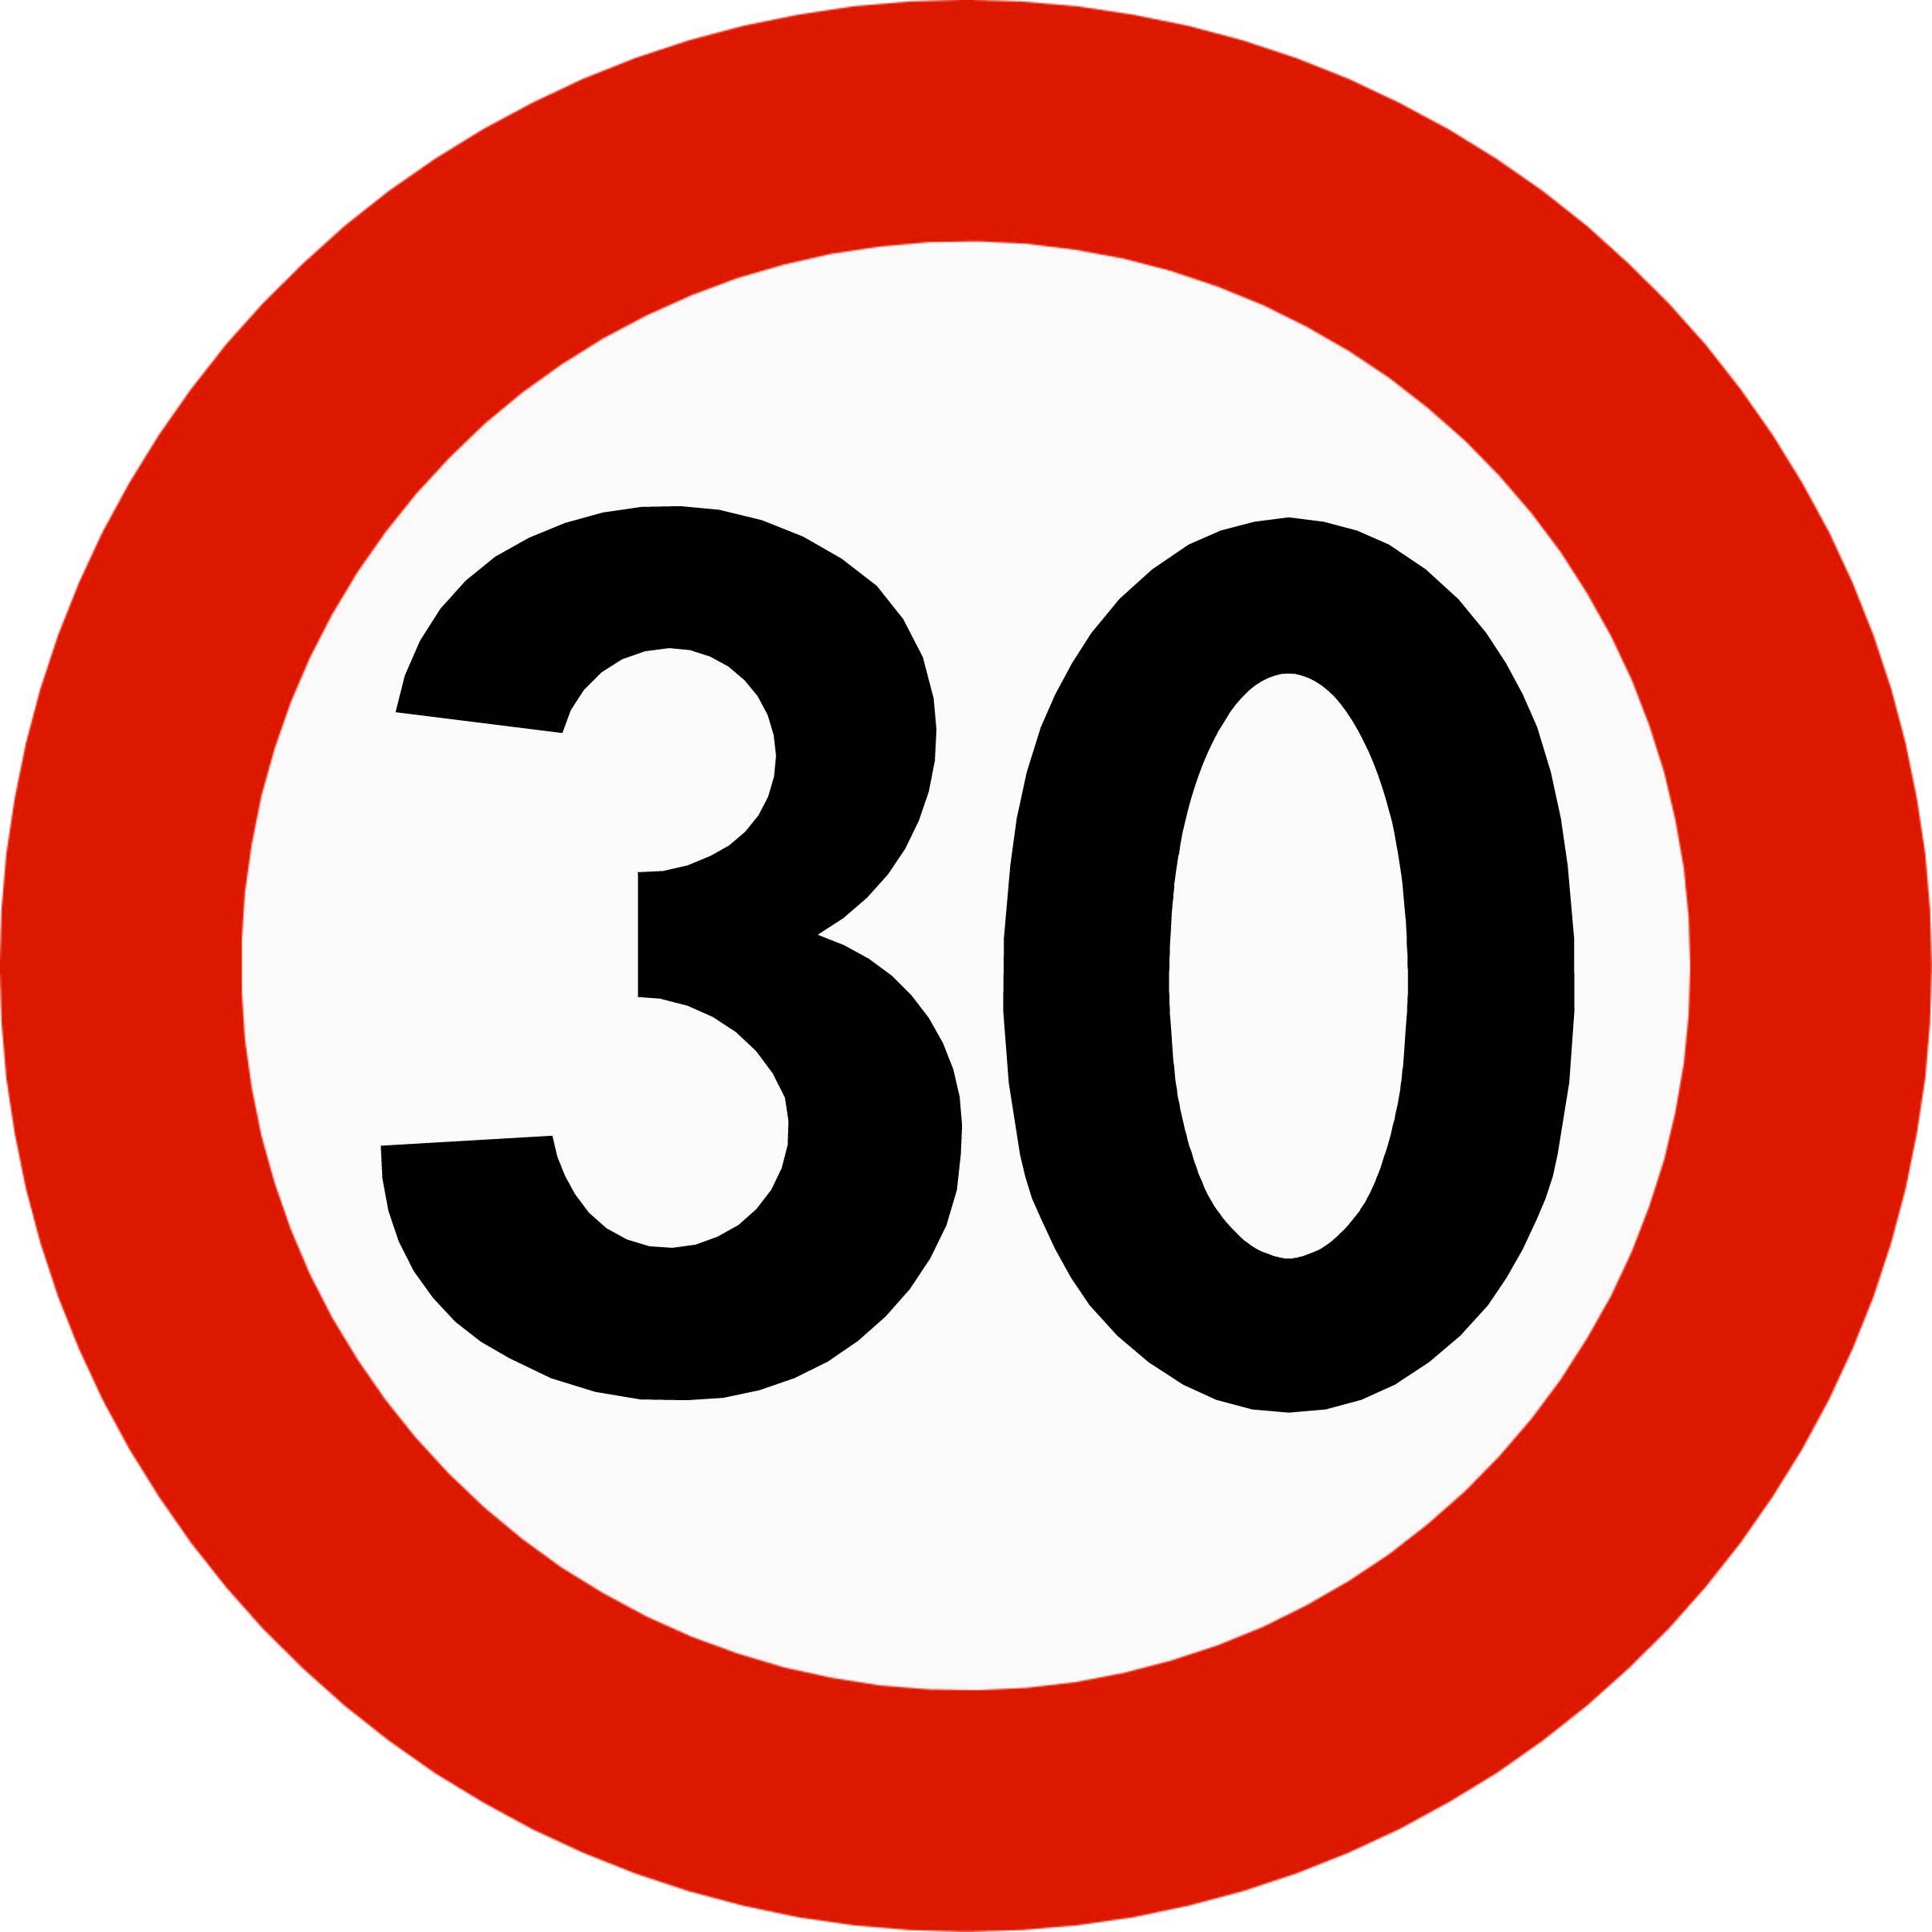 30 km l 39 avventura continua francesca tognoni - Algimouss 30 l ...